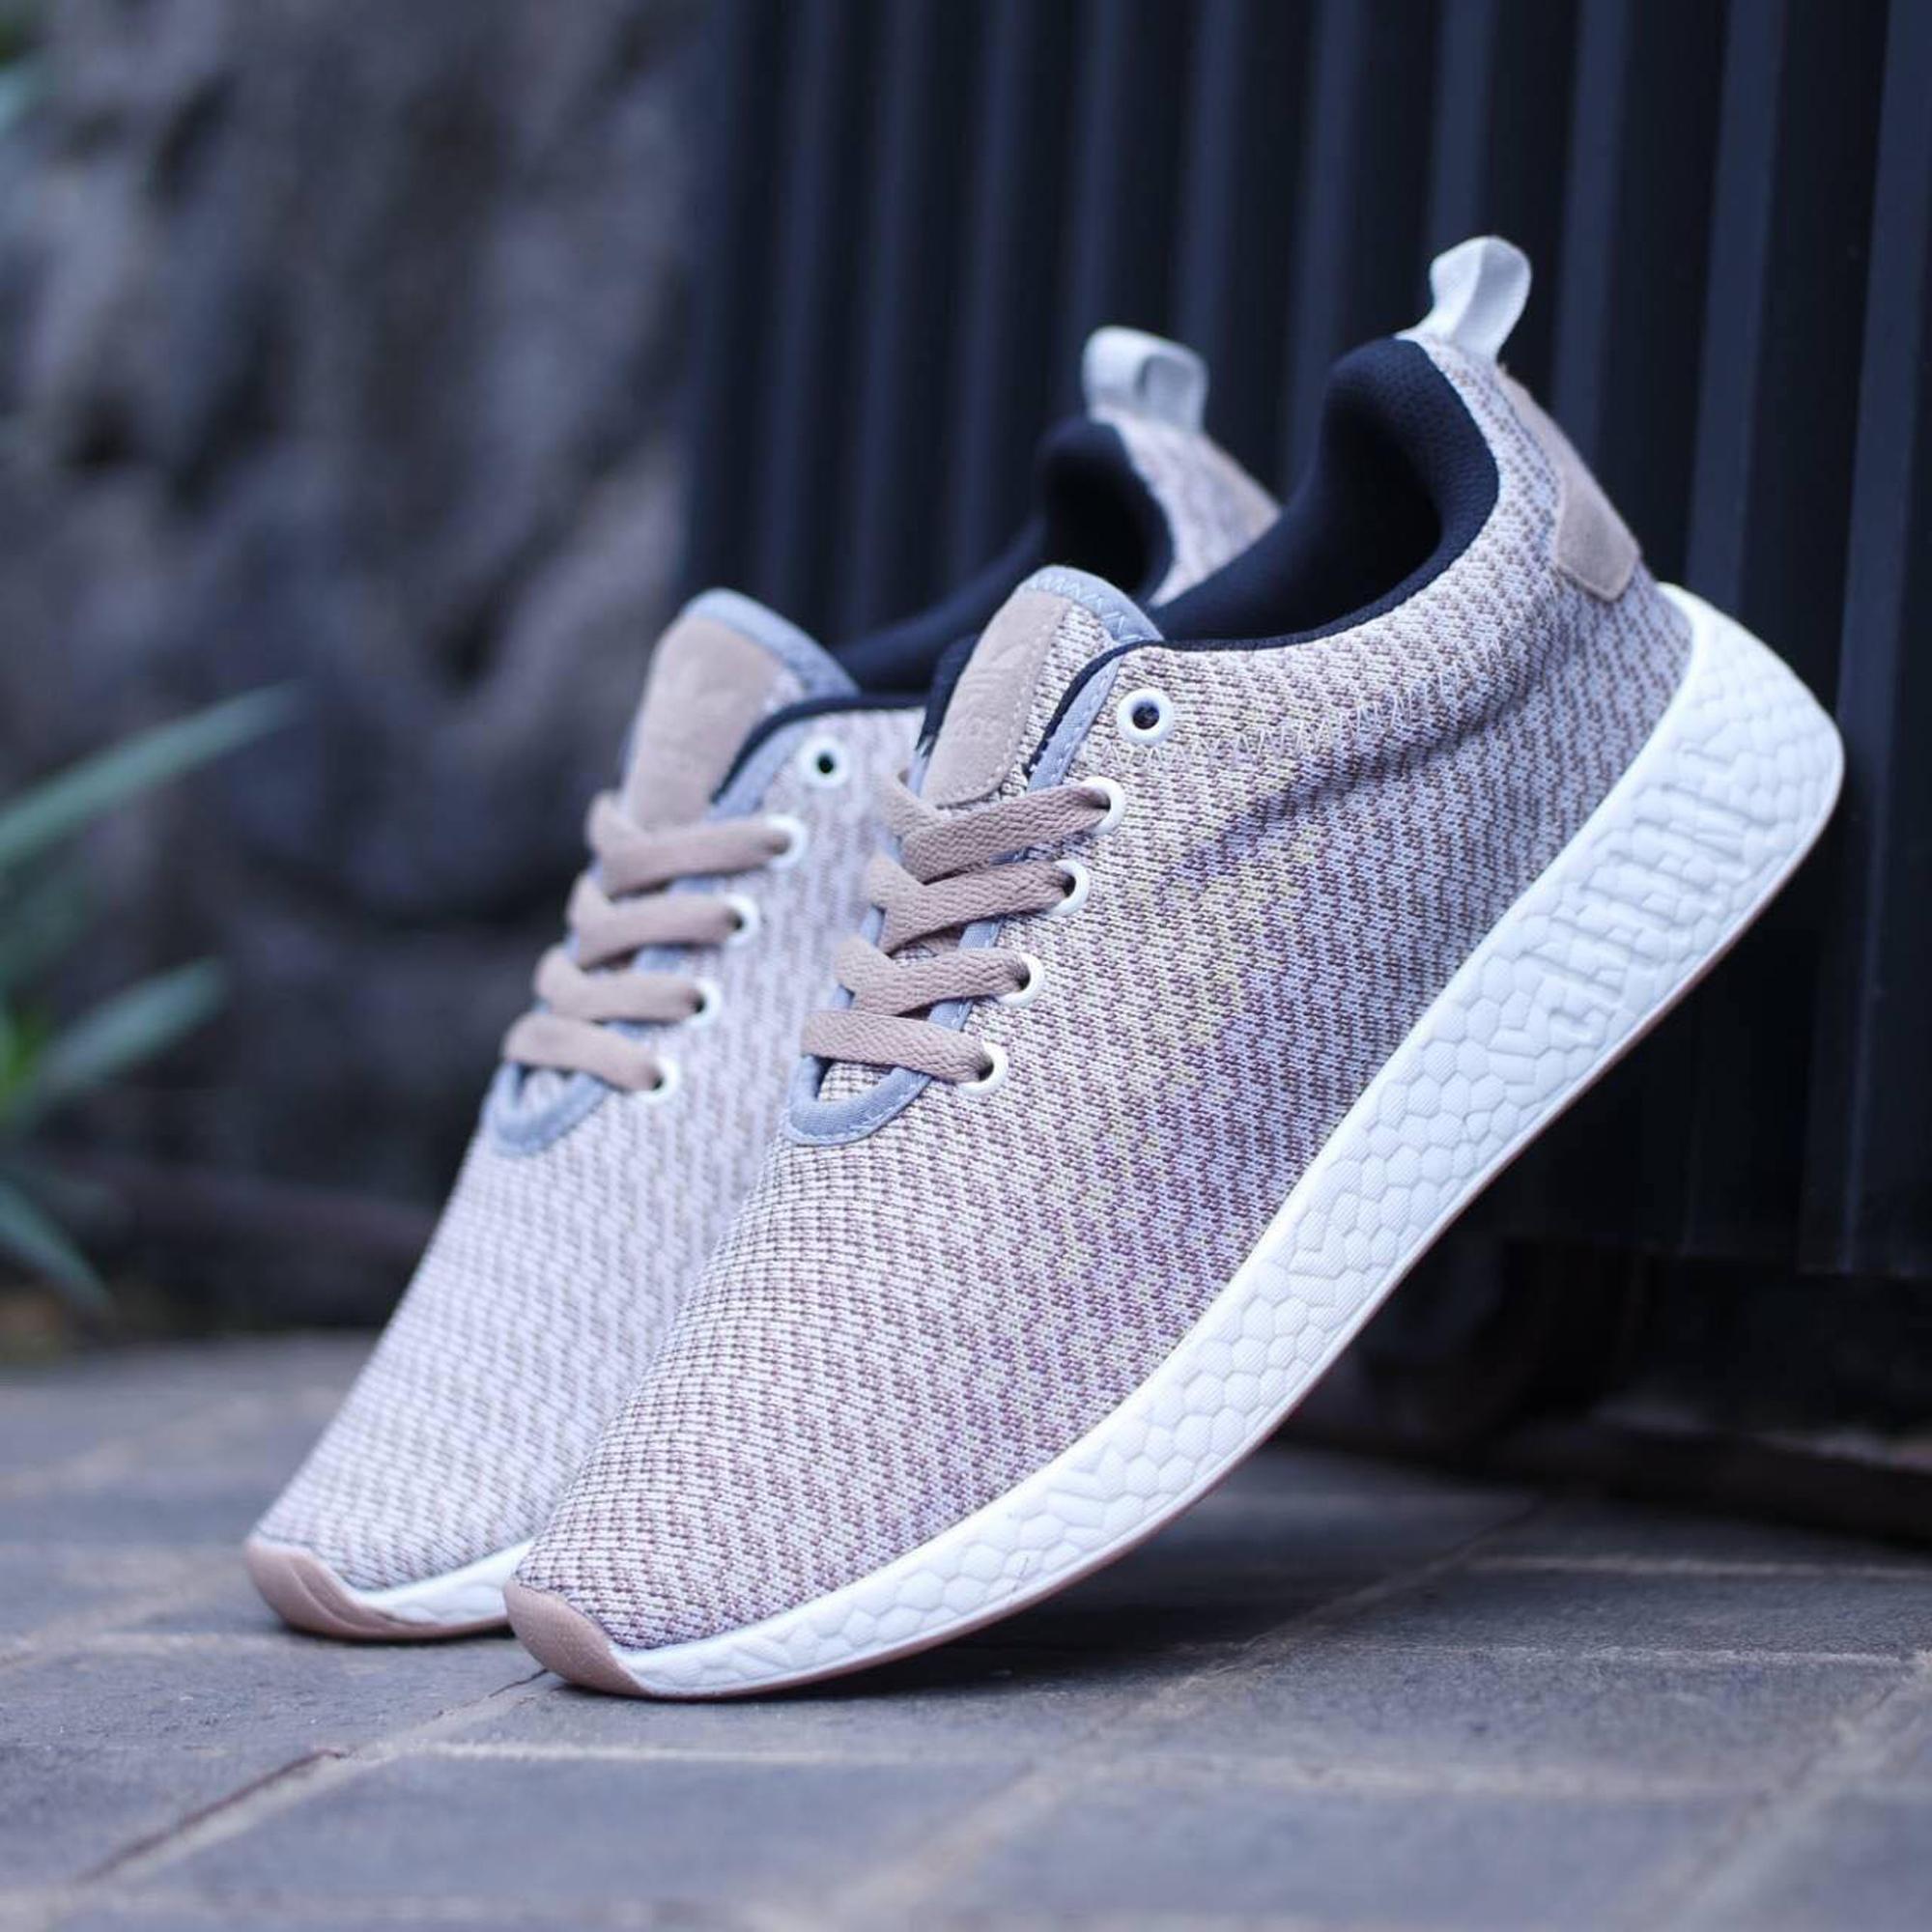 Tokokadounik Shoes Pouch Versi 3 Tas Sepatu Bisa Besar Dan Kecil Source Pixel99 Waterproof Travel.